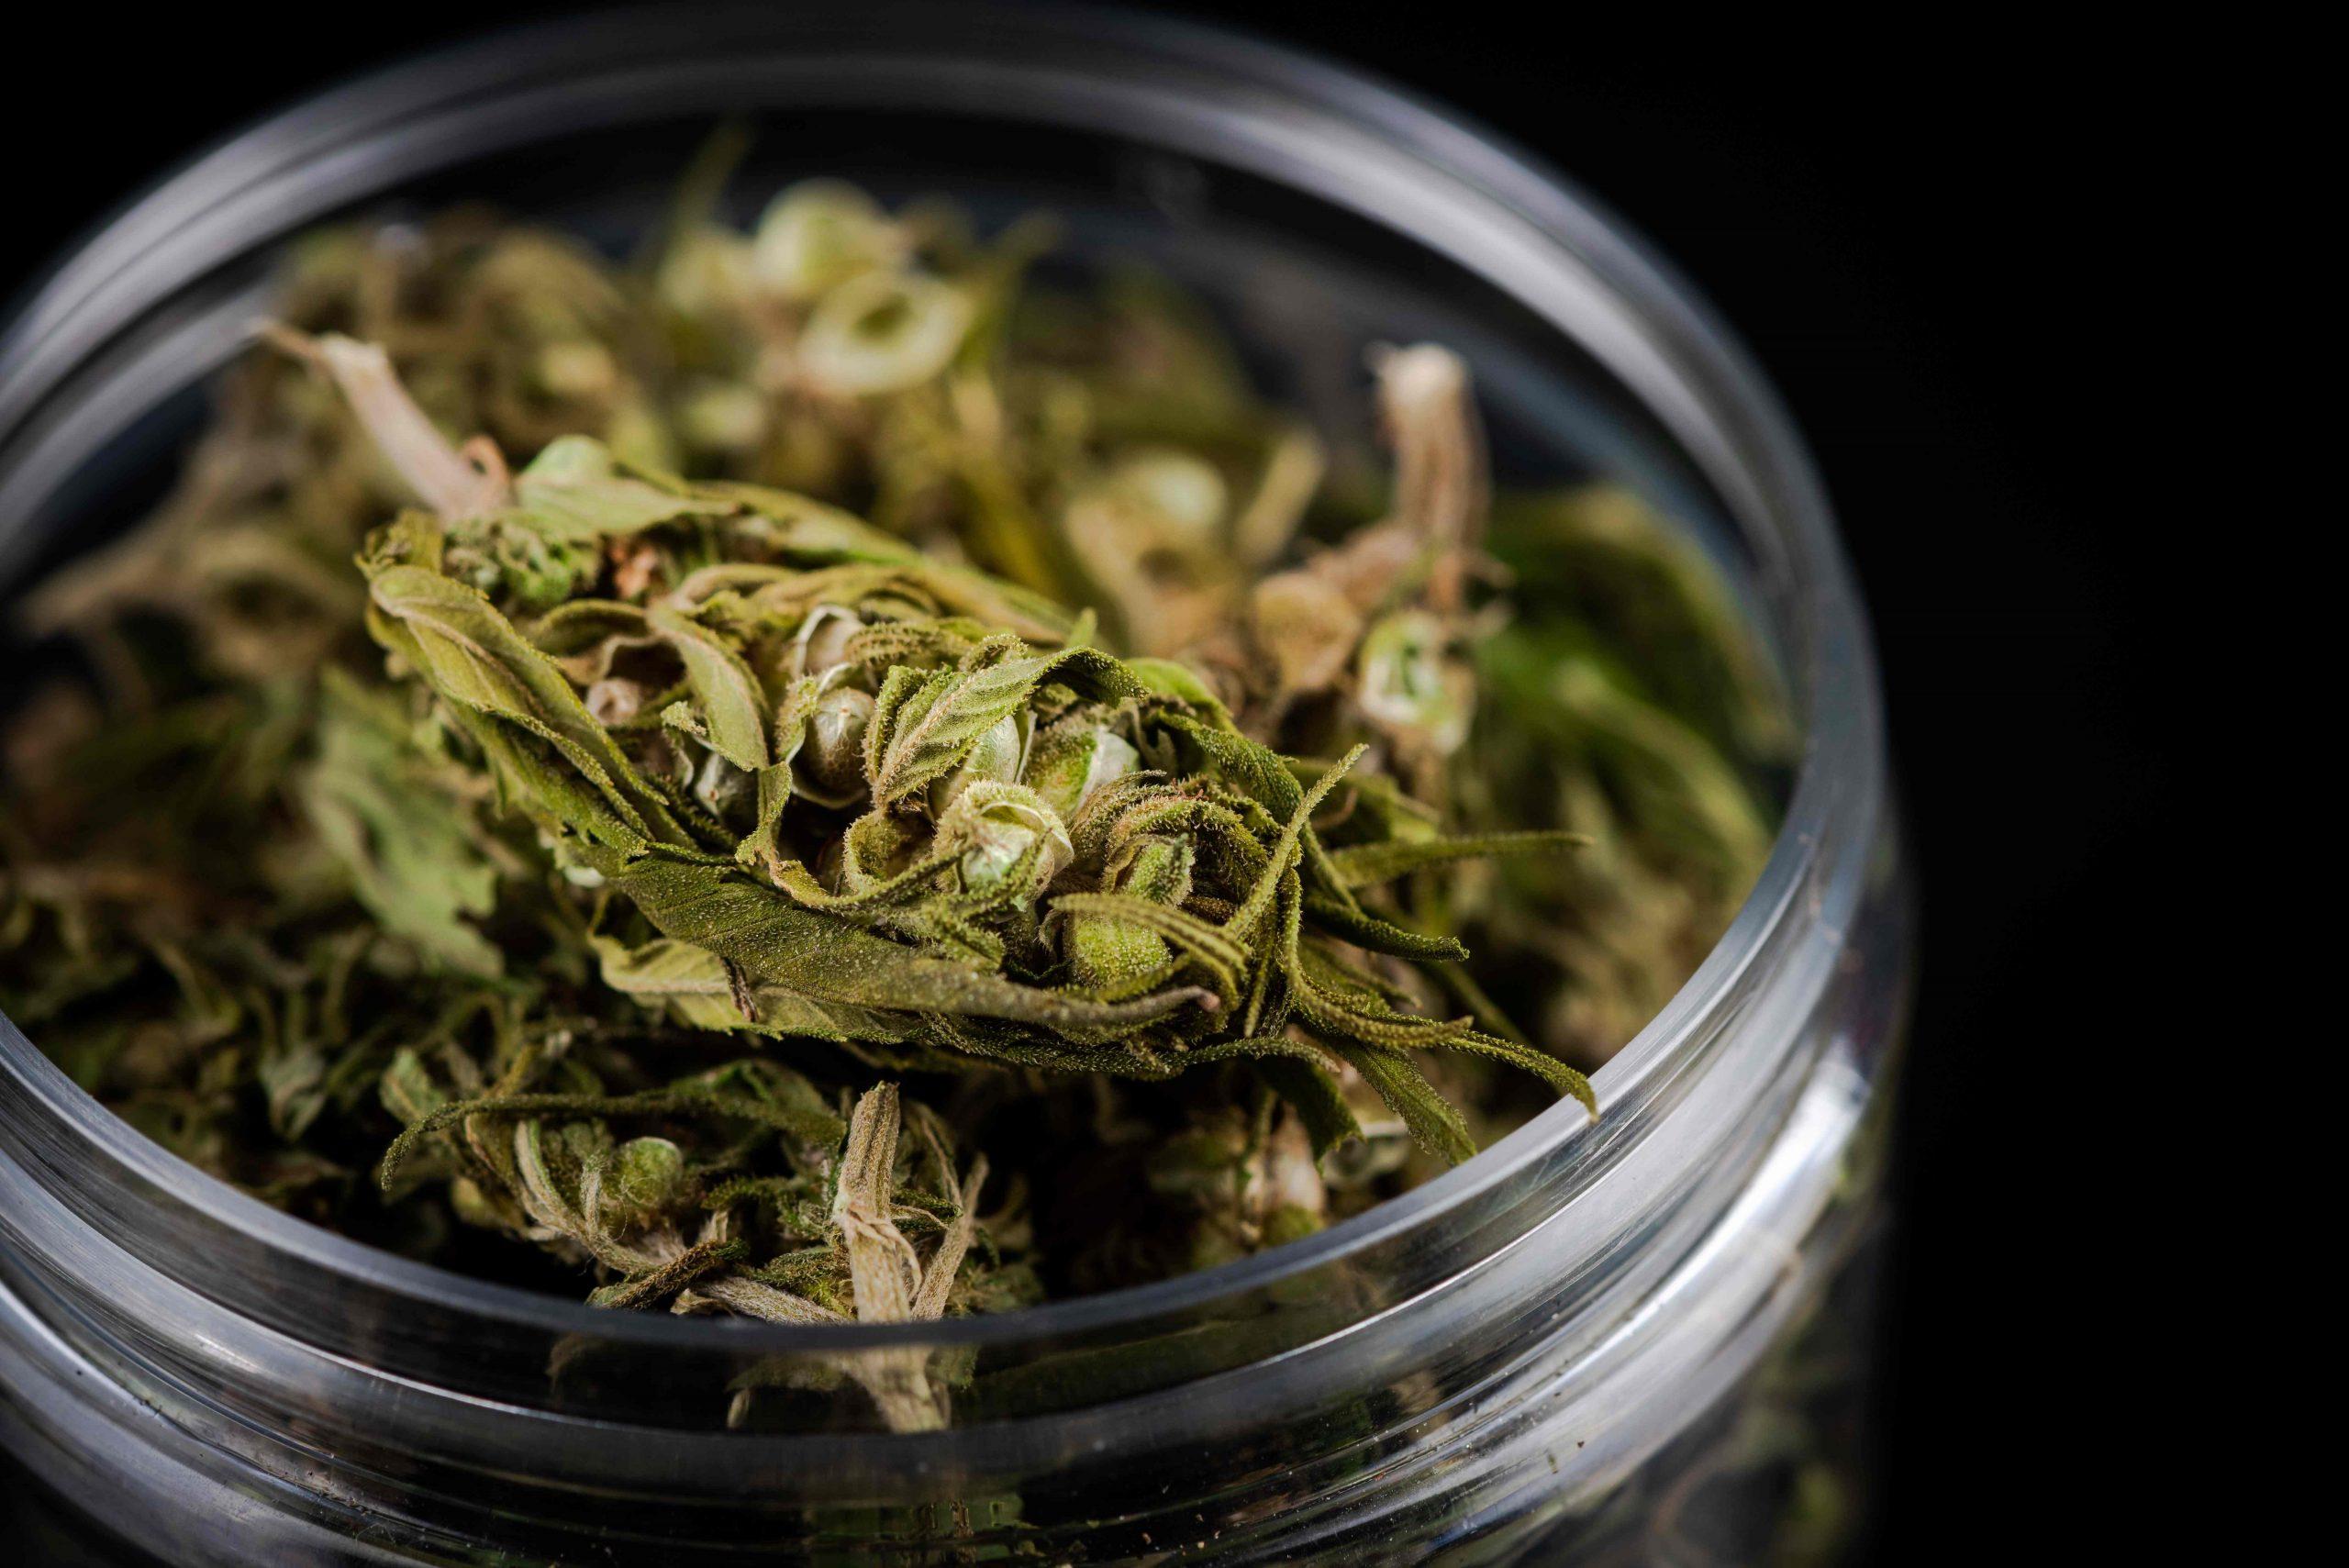 Aprobado el uso lúdico o recreativo de la Cannabis - PosdataMx